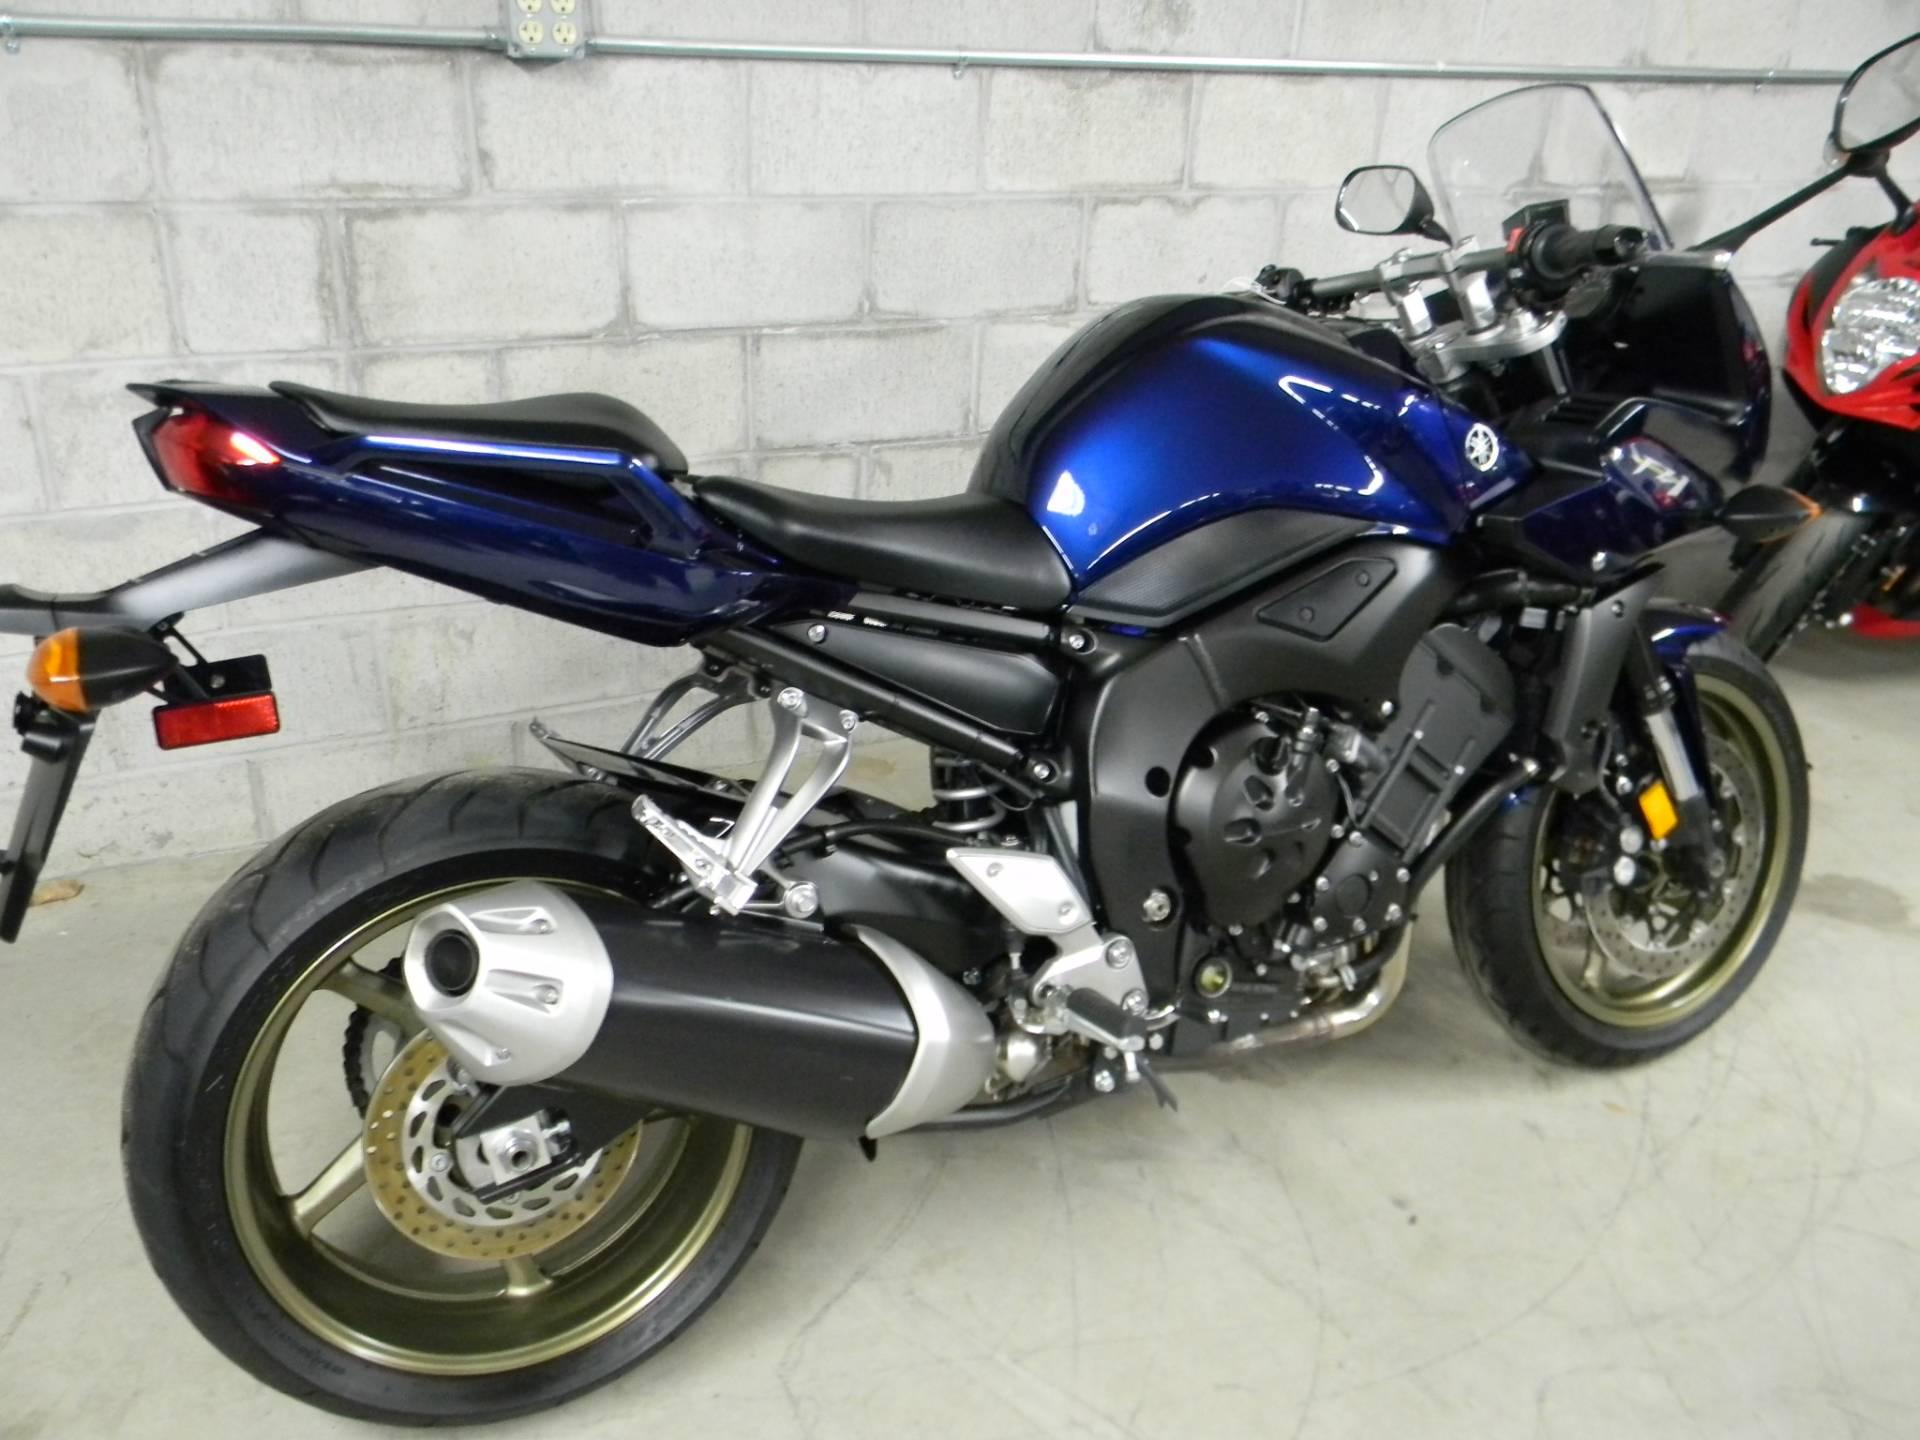 2009 Yamaha FZ1 3